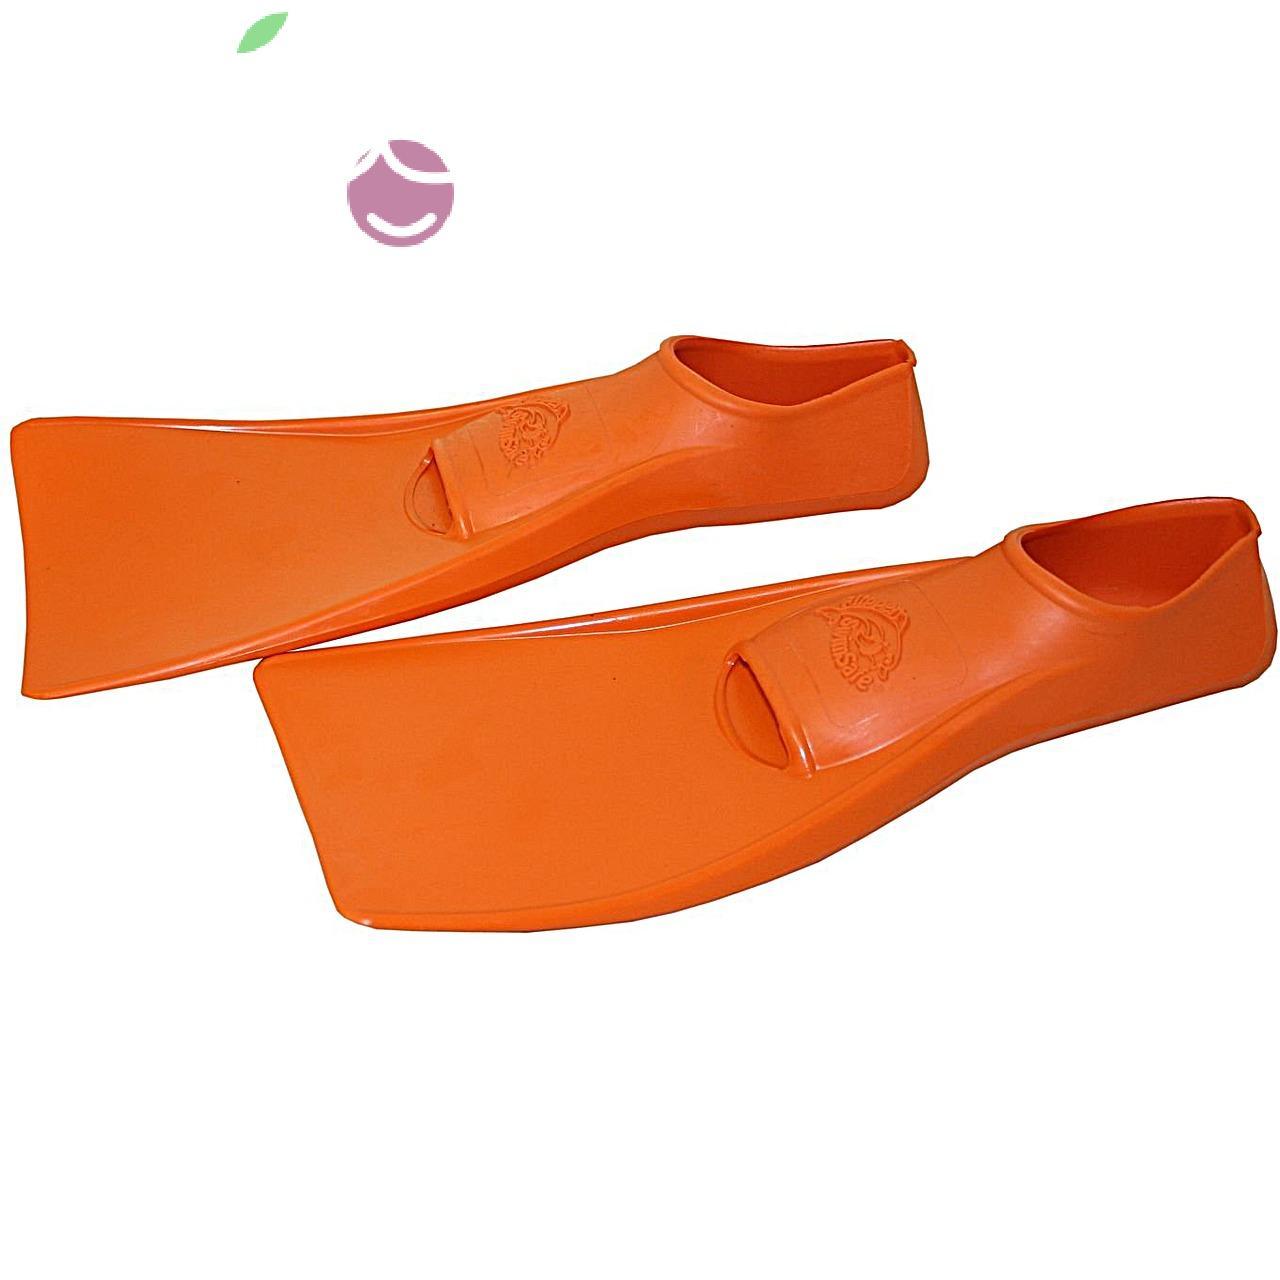 Ласты детские эластичные маленький размер 24 оранжевые закрытая пятка SwimSafe (Свимсейф) Германия, - фото 3